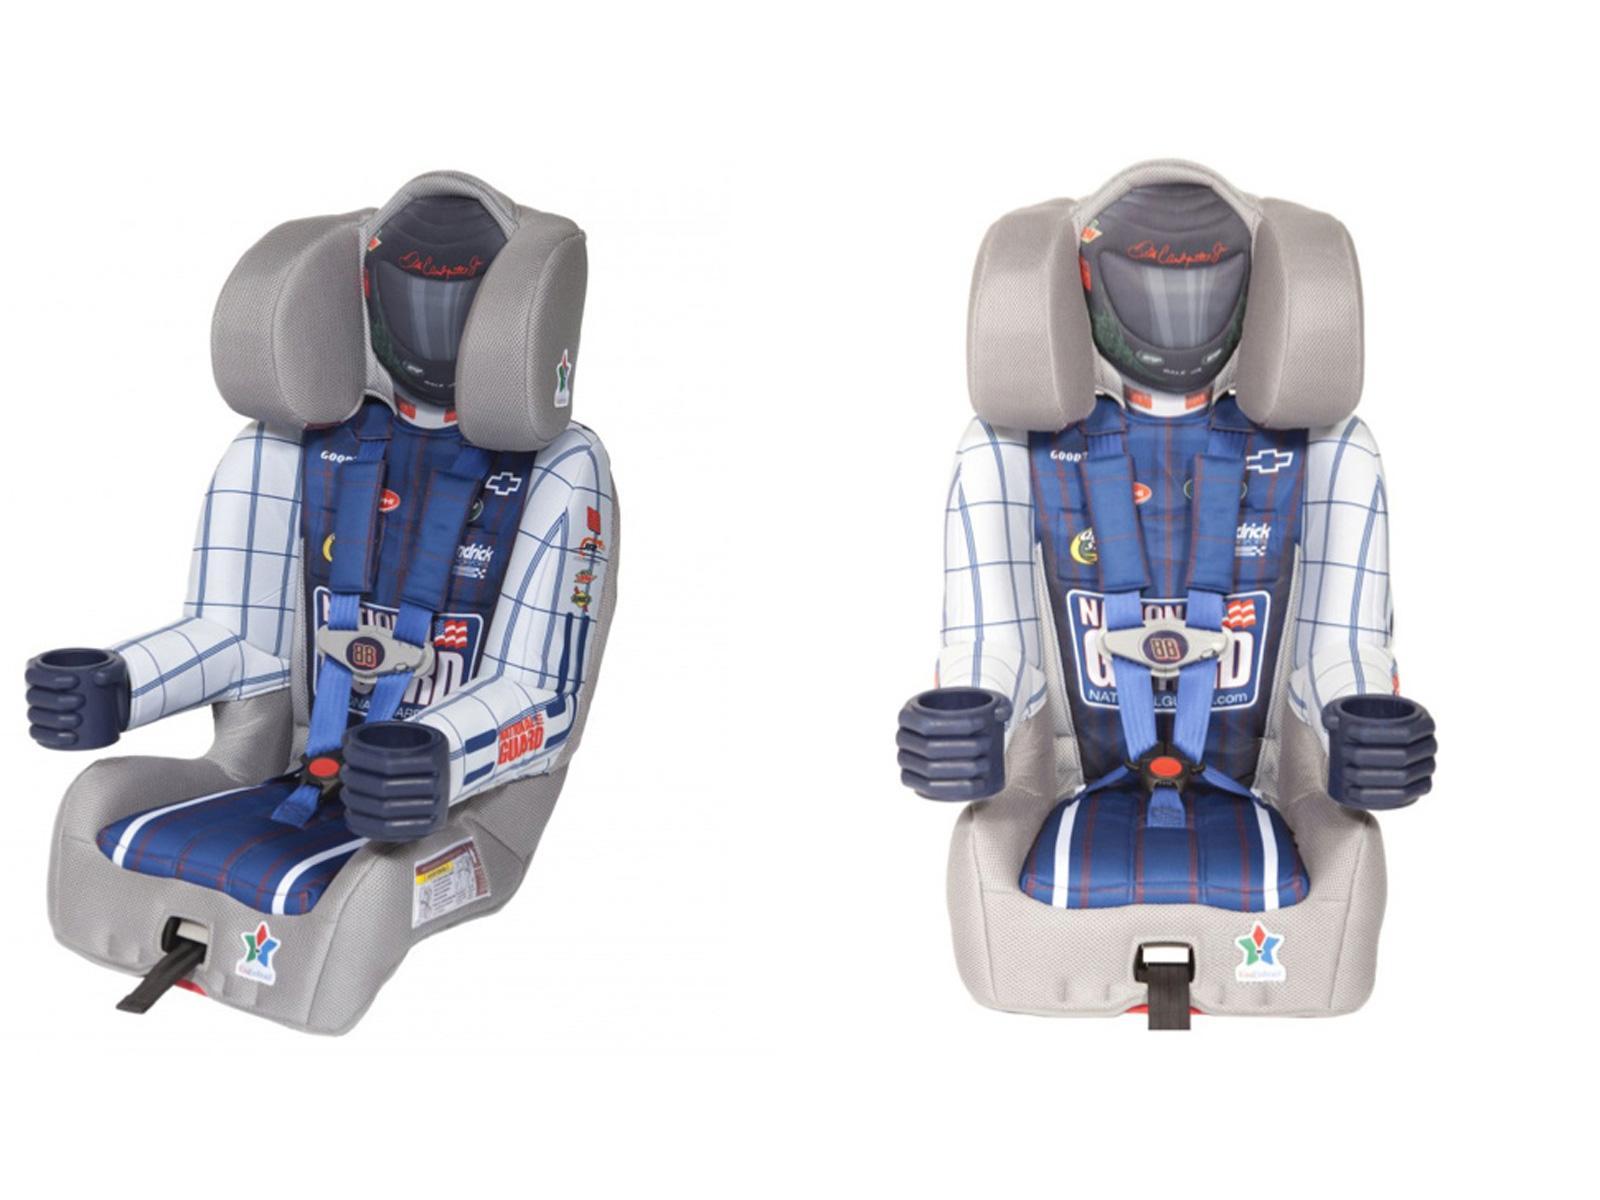 Sillas de seguridad para ni os estilo caricaturesco for Sillas para ninos automovil